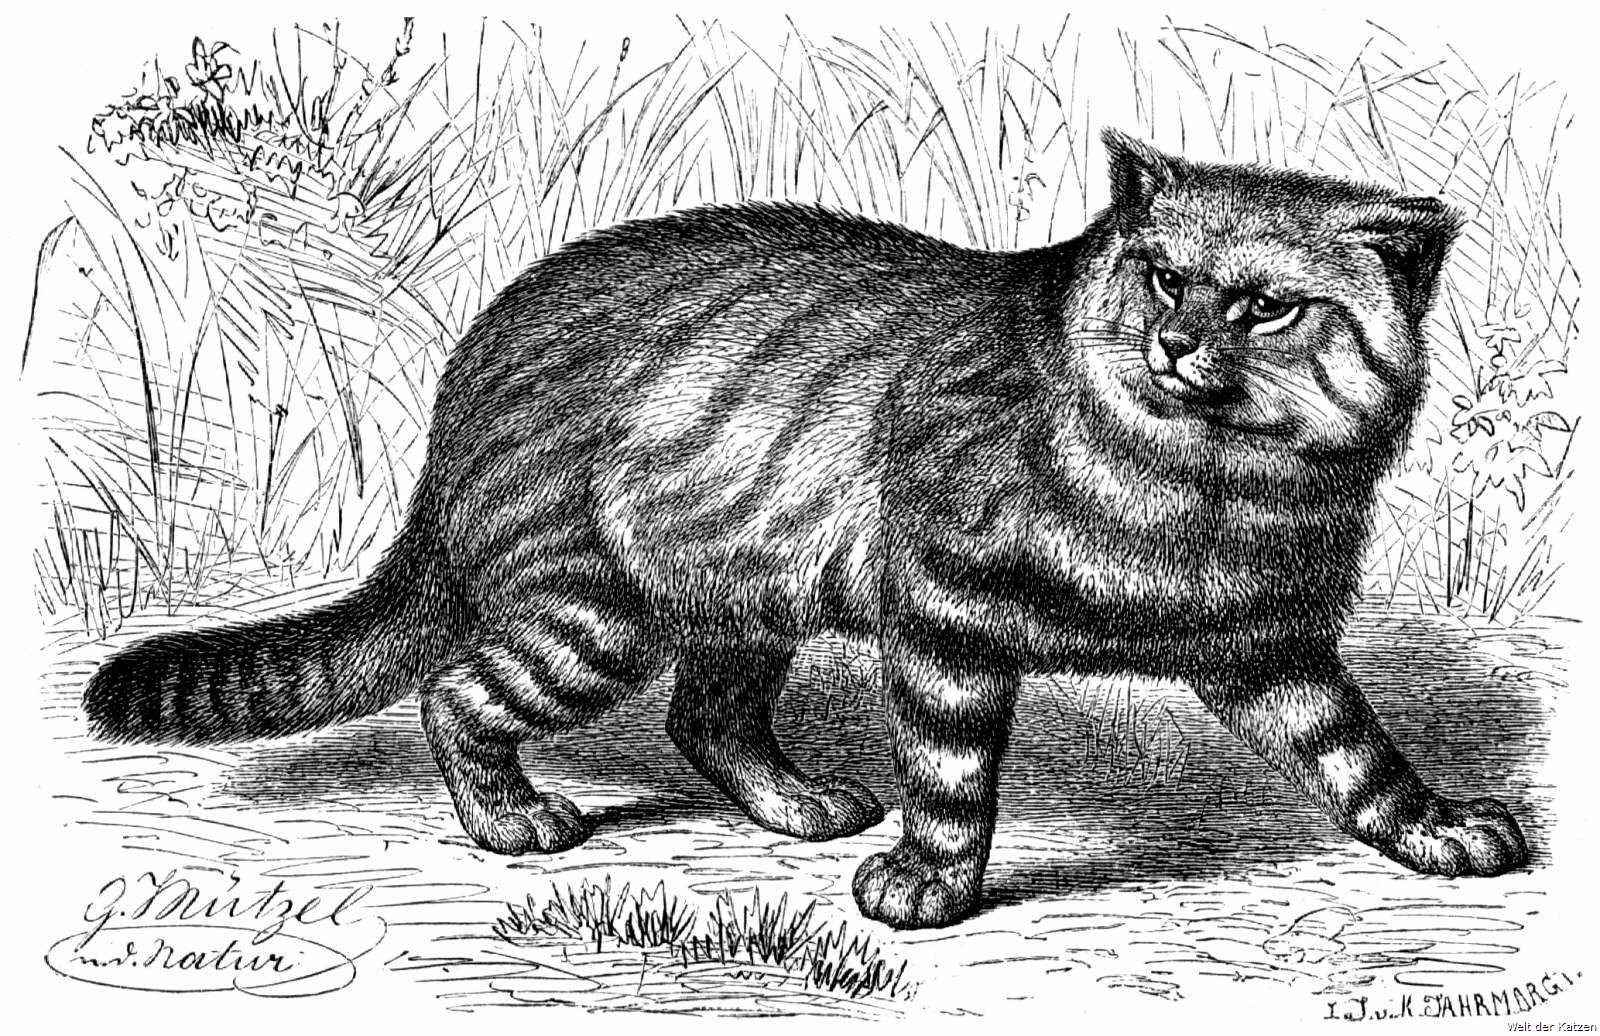 Welt der Katzen - 7. Sippe: Katzen (Felis)